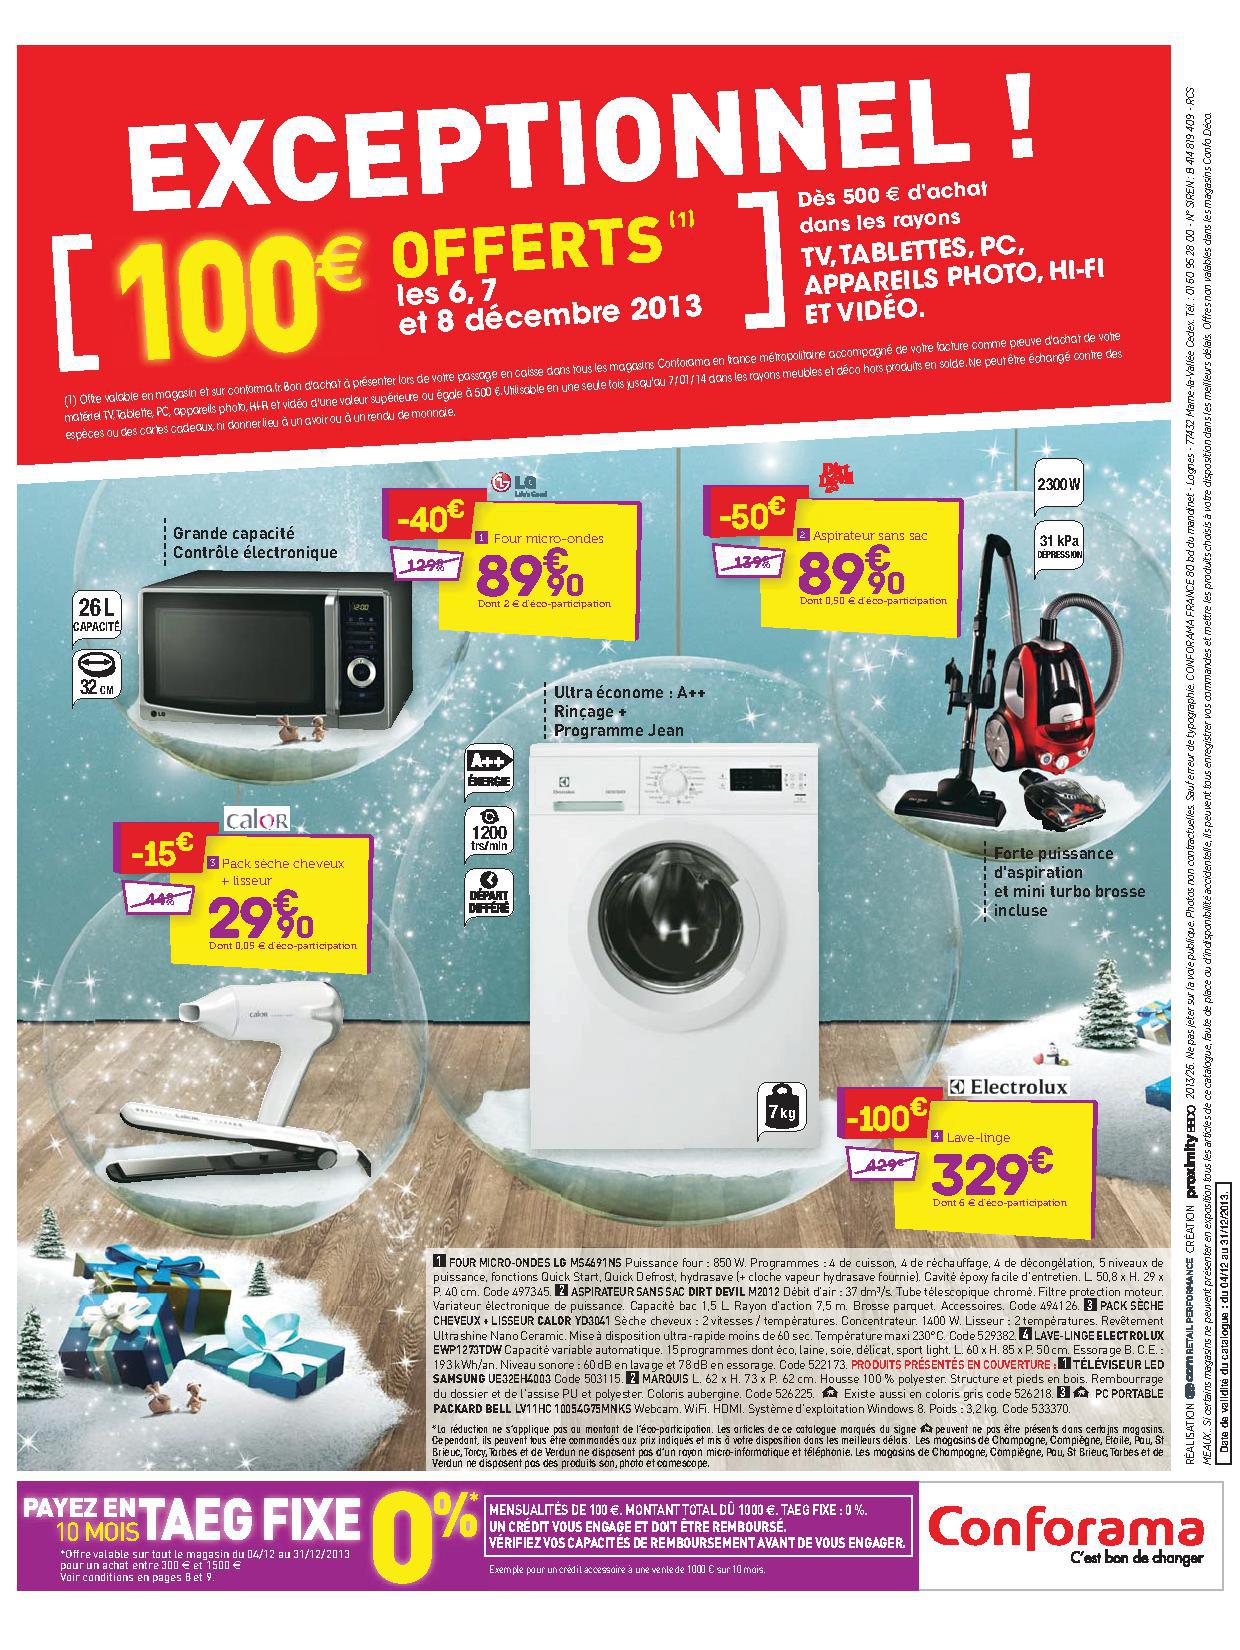 100€ de bon d'achat dès 500€ d'achat sur les rayons TV, PC, appareil photo, Hifi...